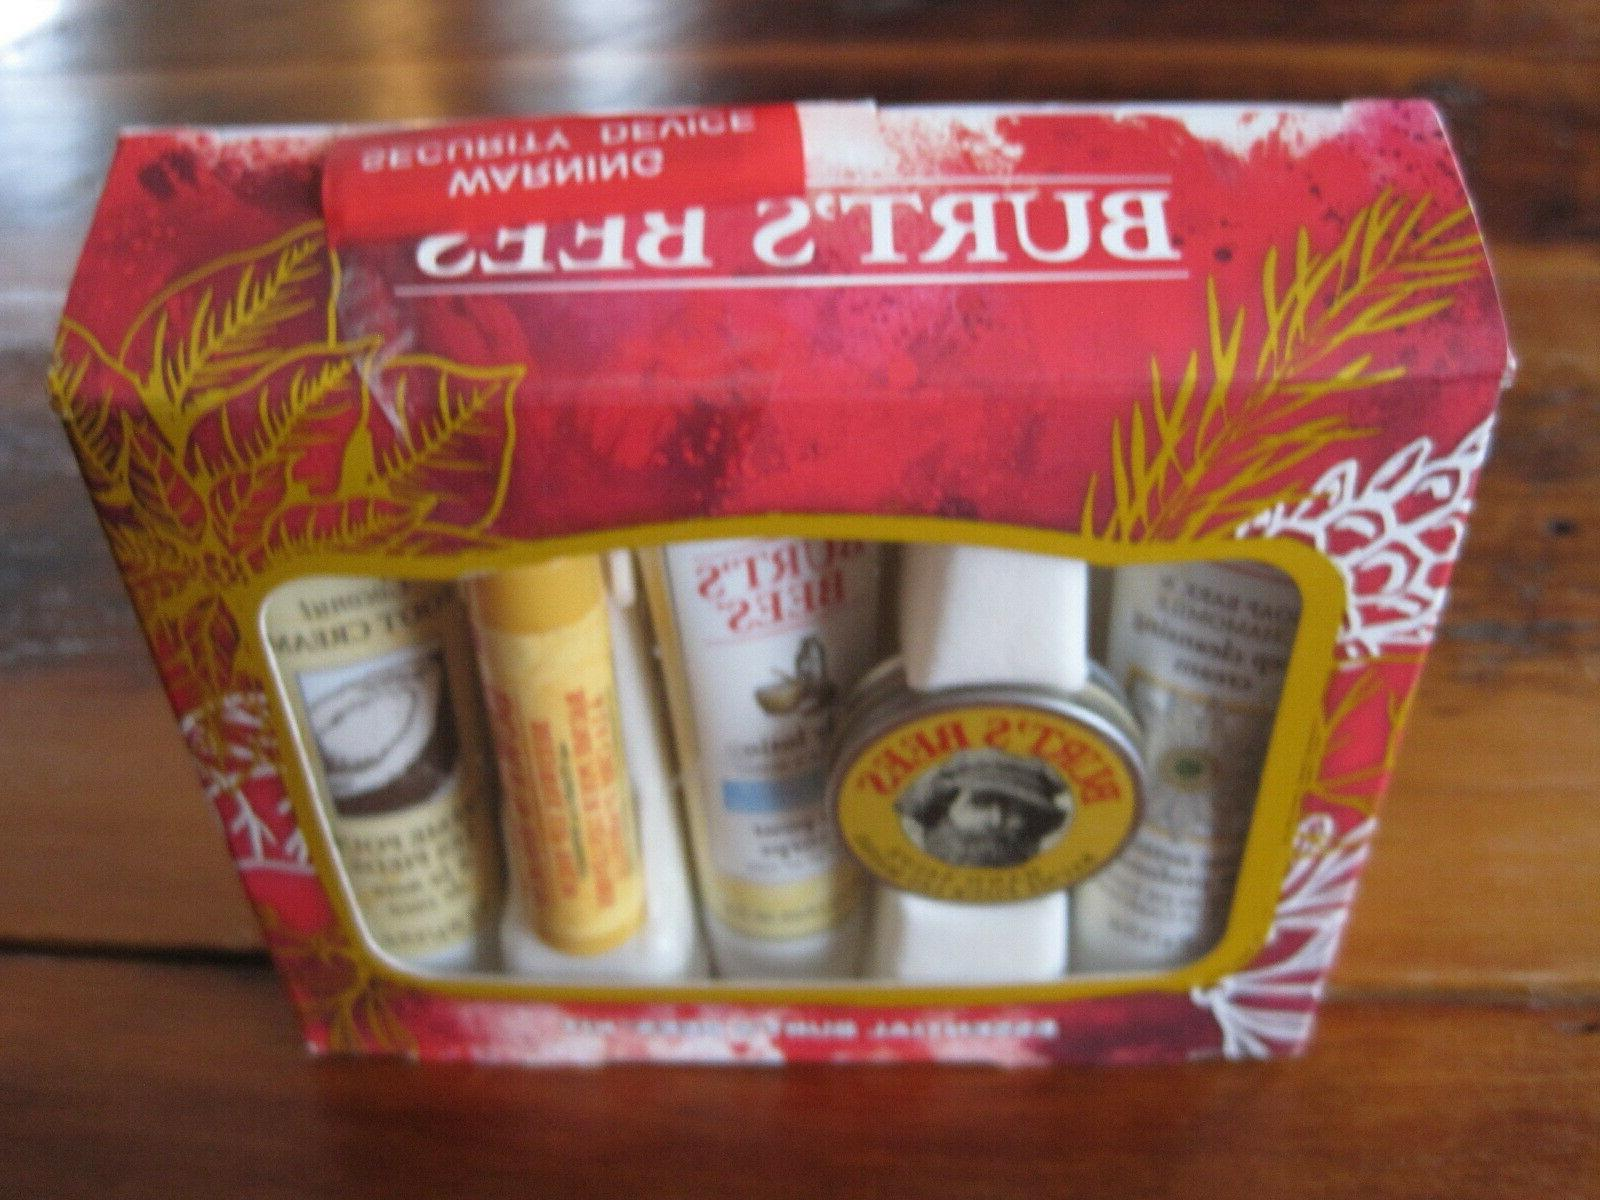 Burt's Set Essentials Gifts Balm Travel Size 5